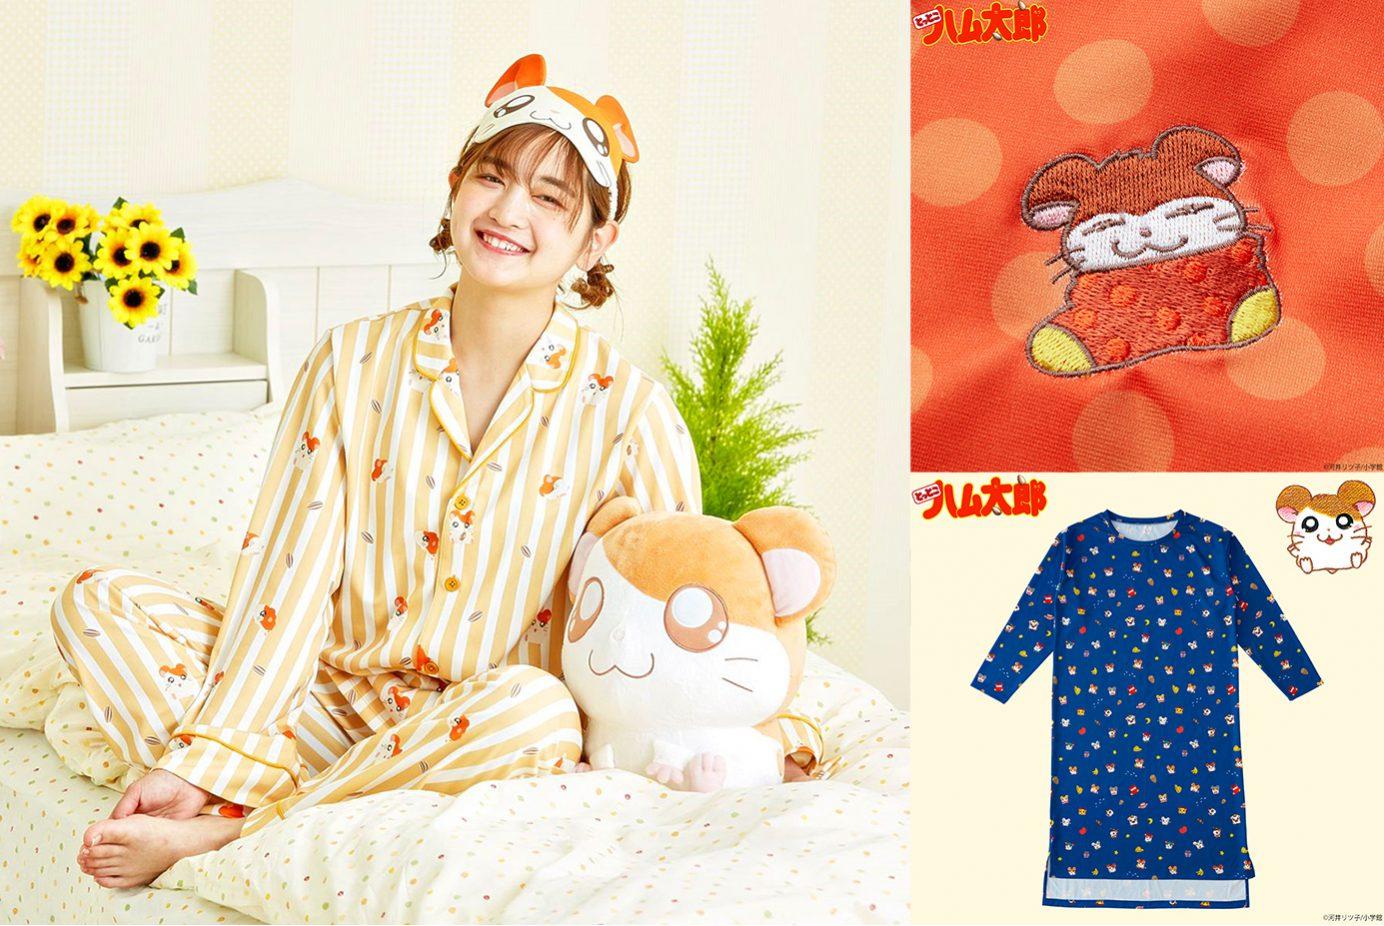 【與哈姆太郎共枕眠】日本百代推出超可愛睡衣,整套幫你配好好!